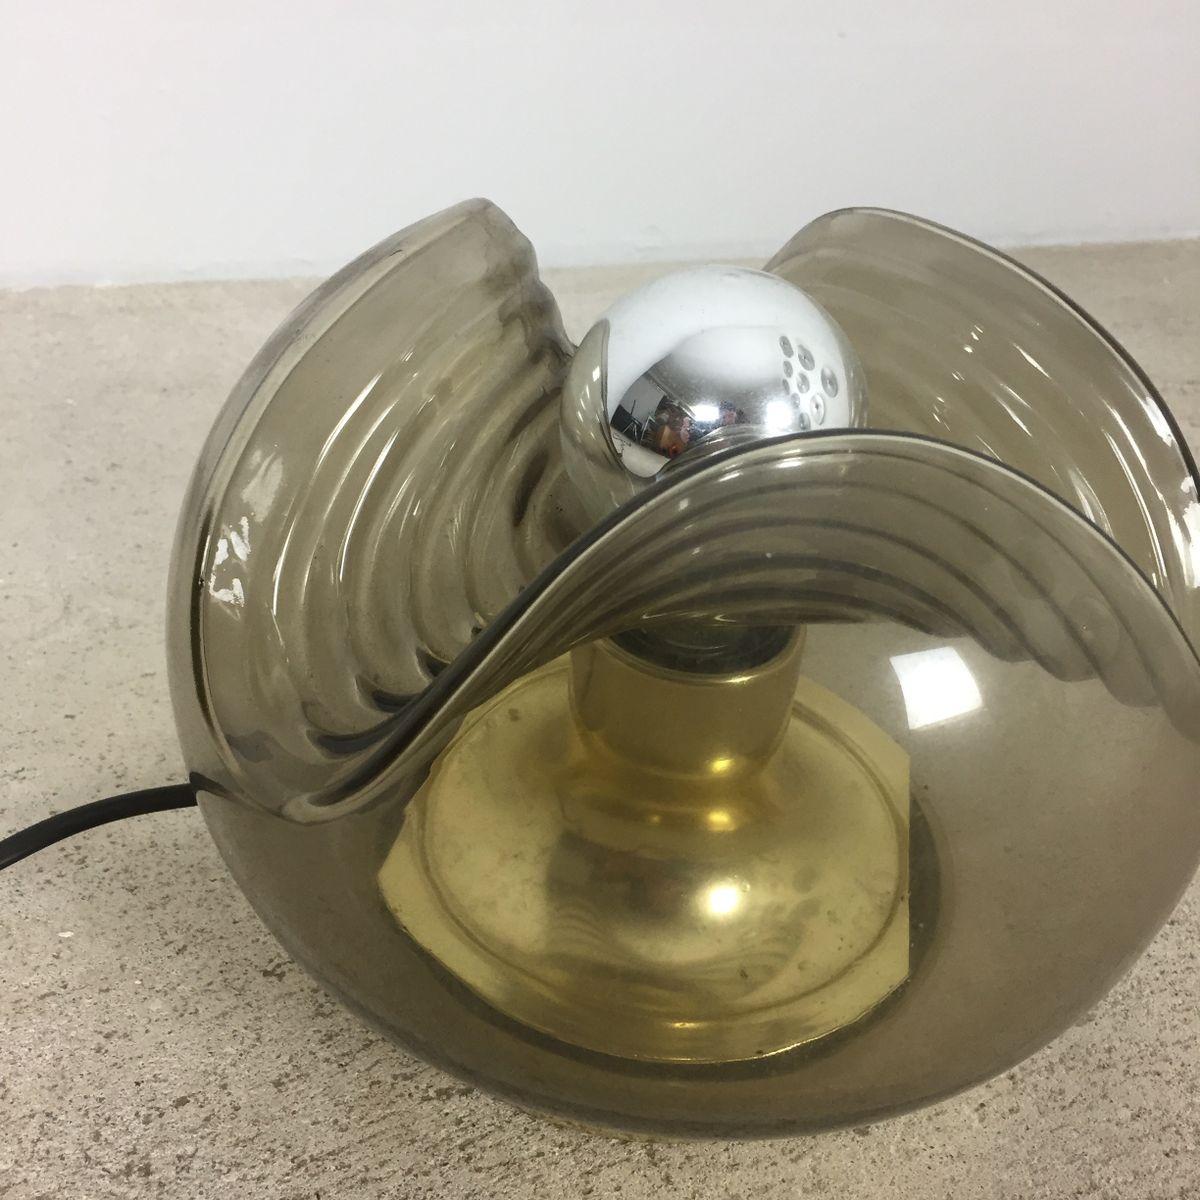 tischlampe aus glas in wellen optik von koch lowy f r peill putzler 1970er bei pamono kaufen. Black Bedroom Furniture Sets. Home Design Ideas